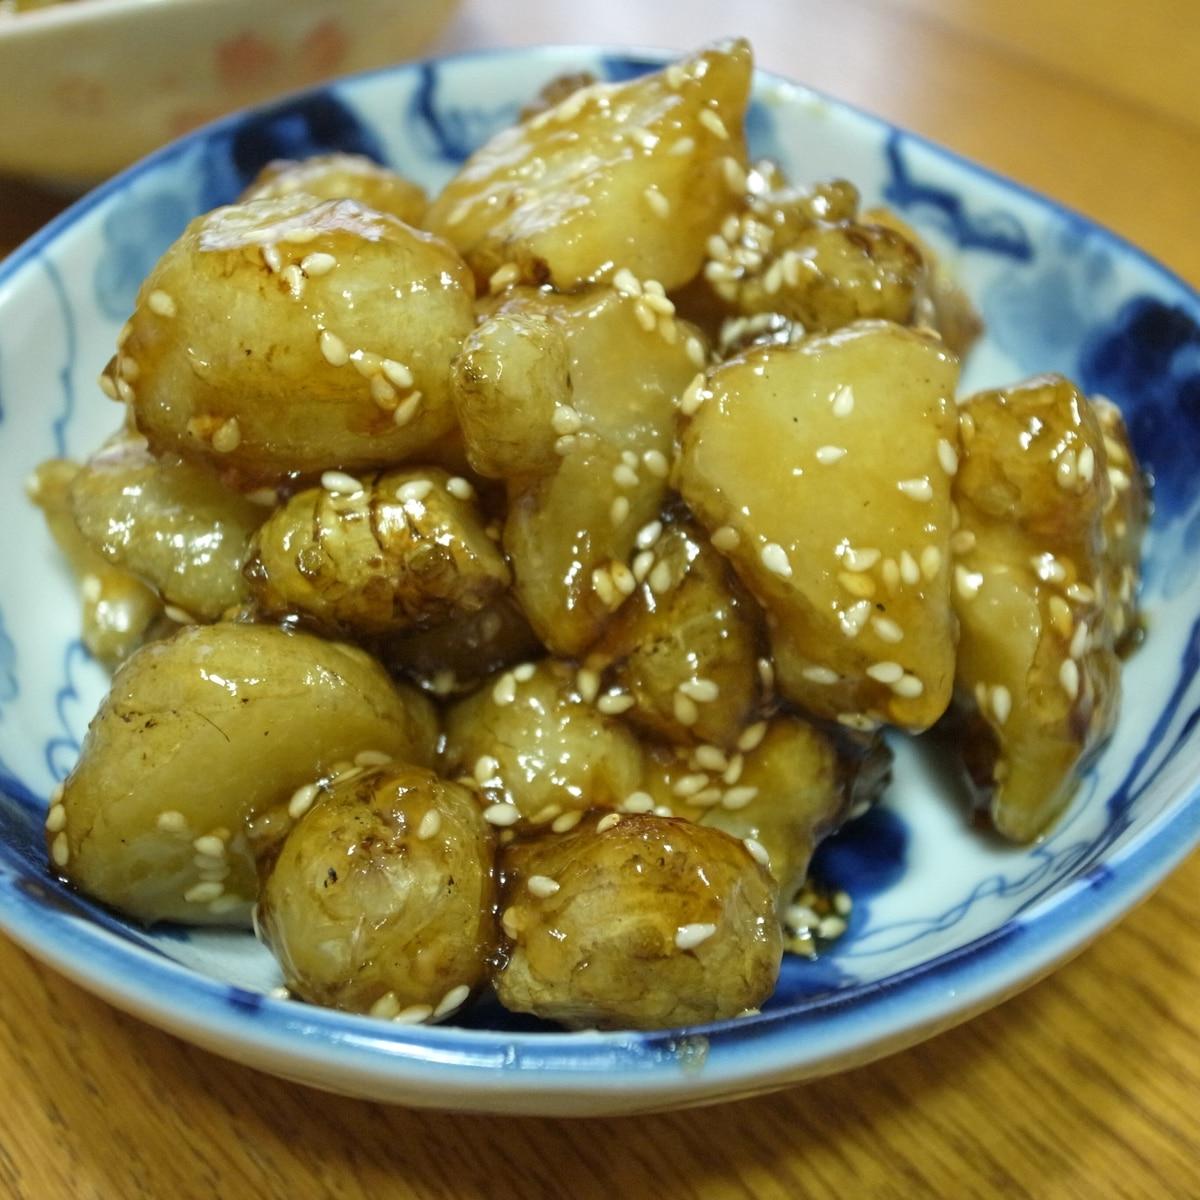 菊芋 の 食べ 方 菊芋の美味しい料理法・食べ方 菊芋普及会